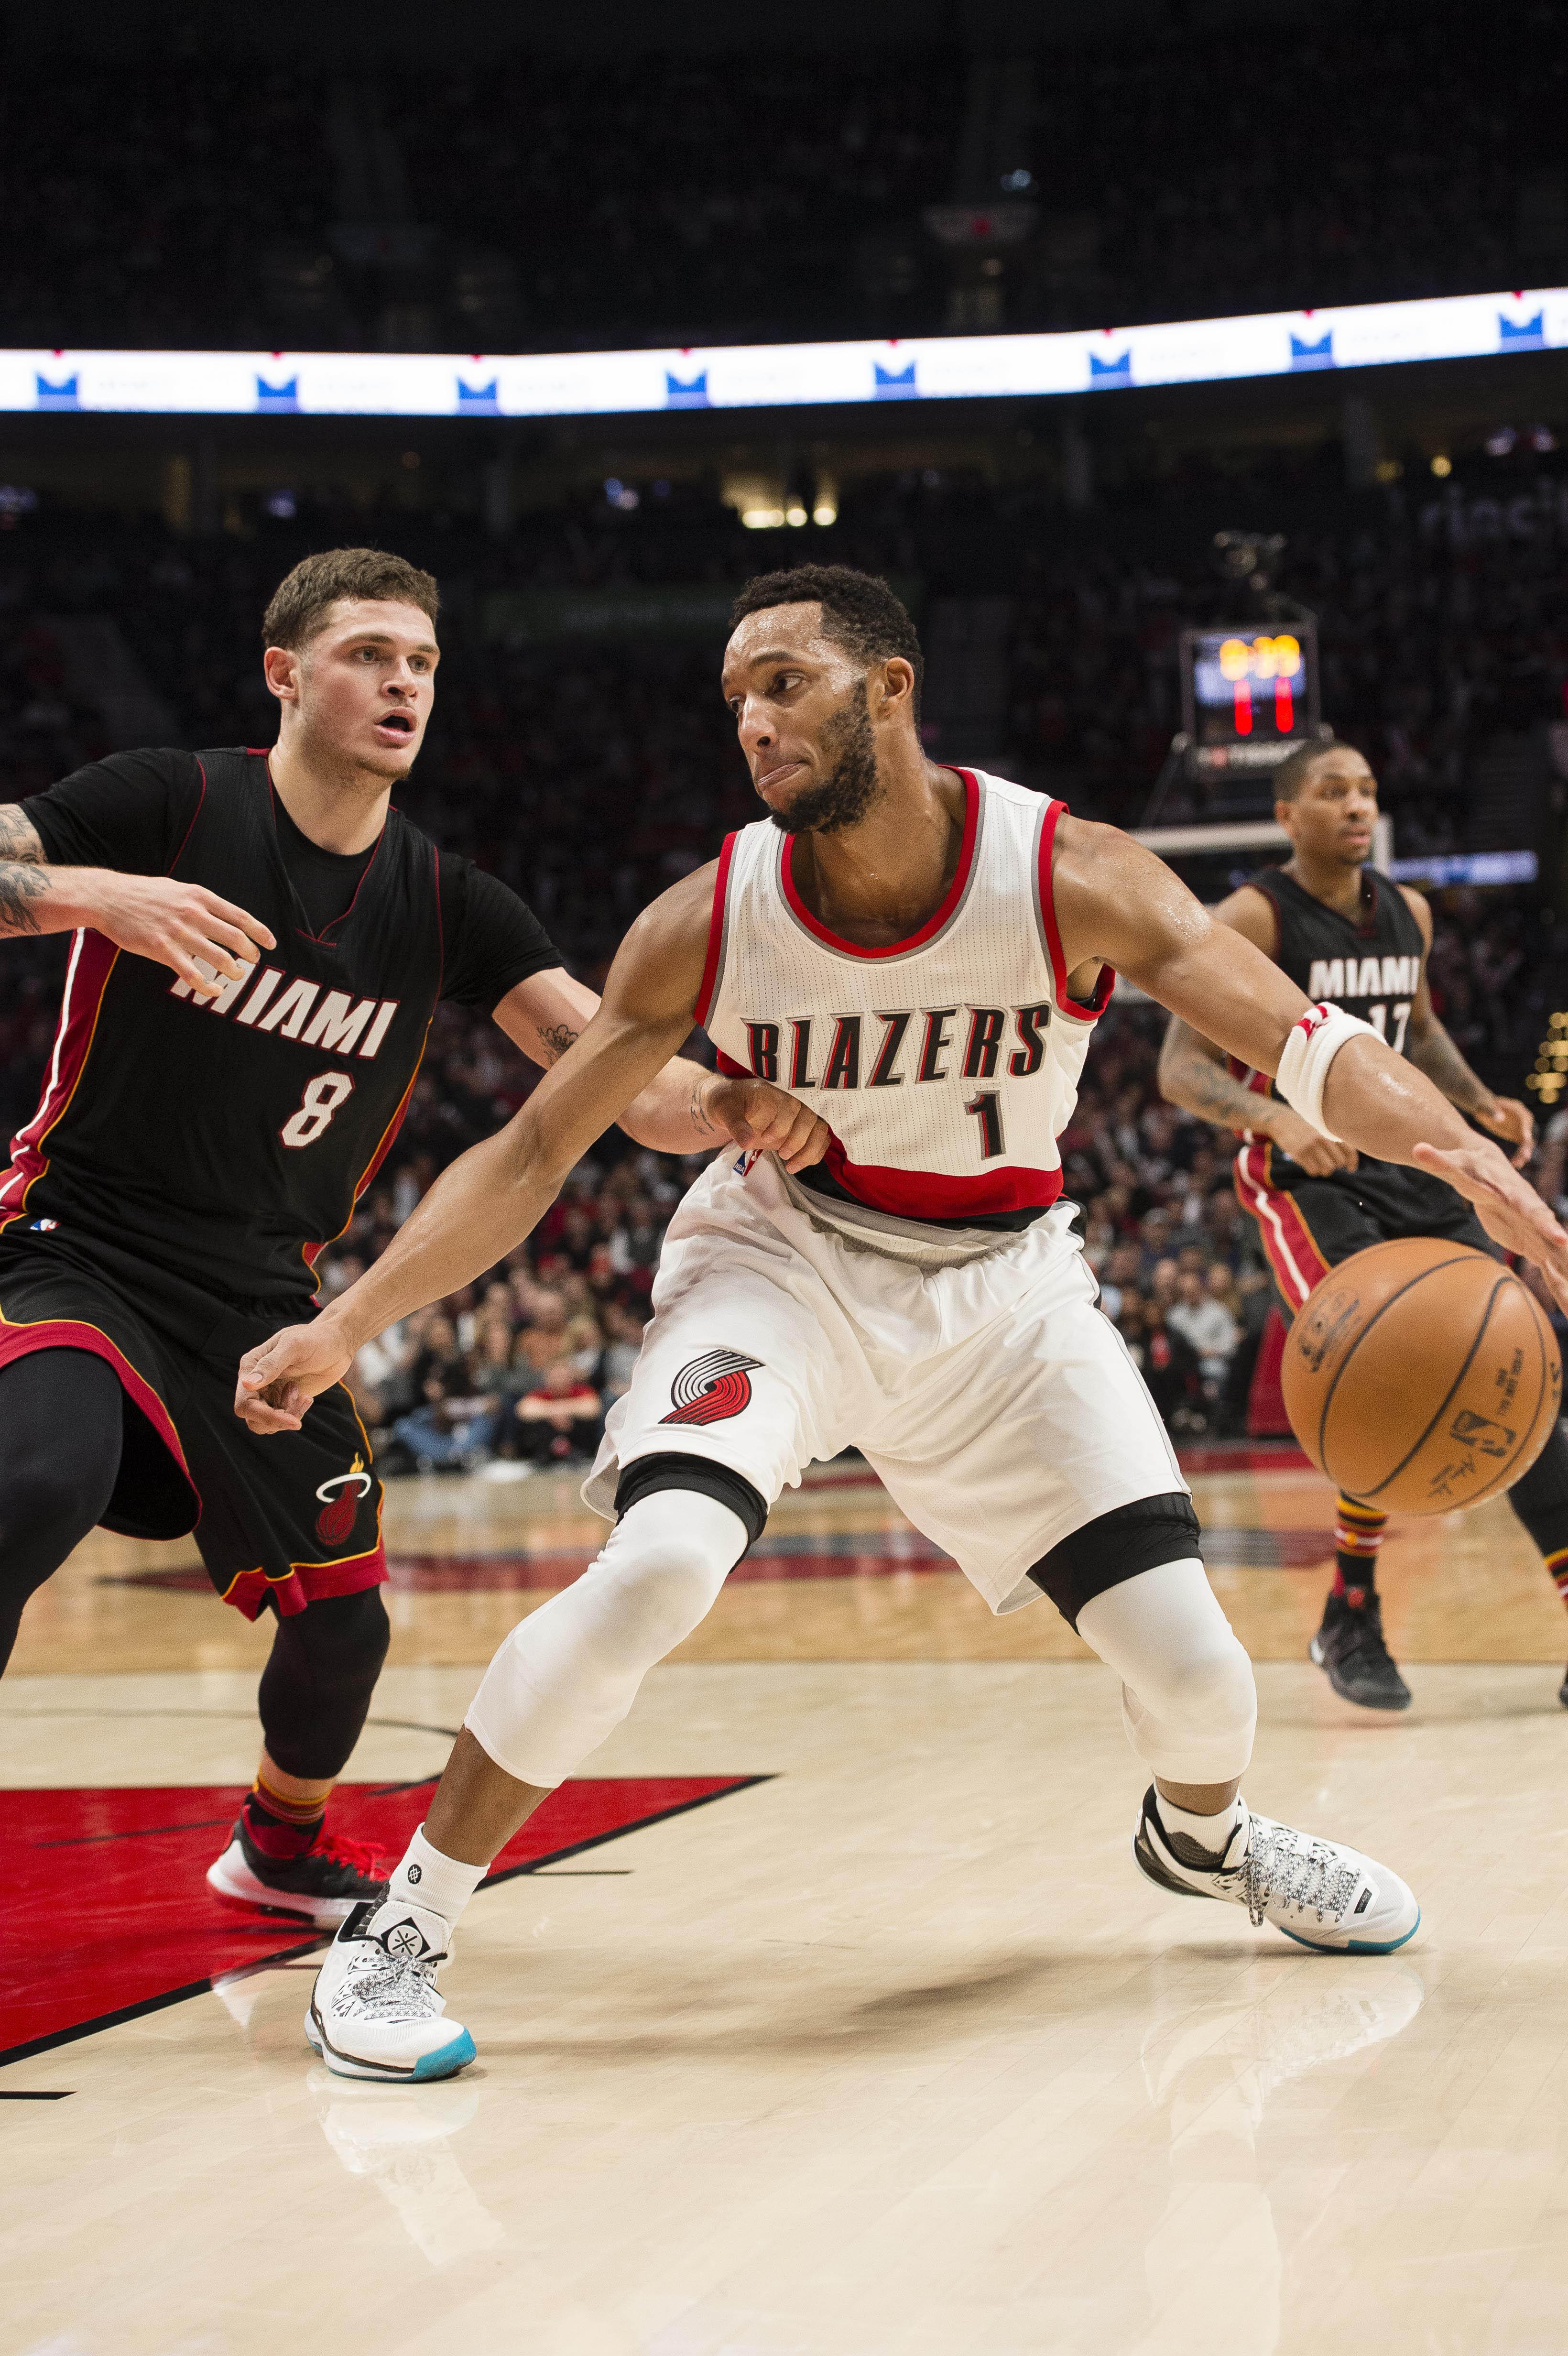 NBA: Miami Heat at Portland Trail Blazers